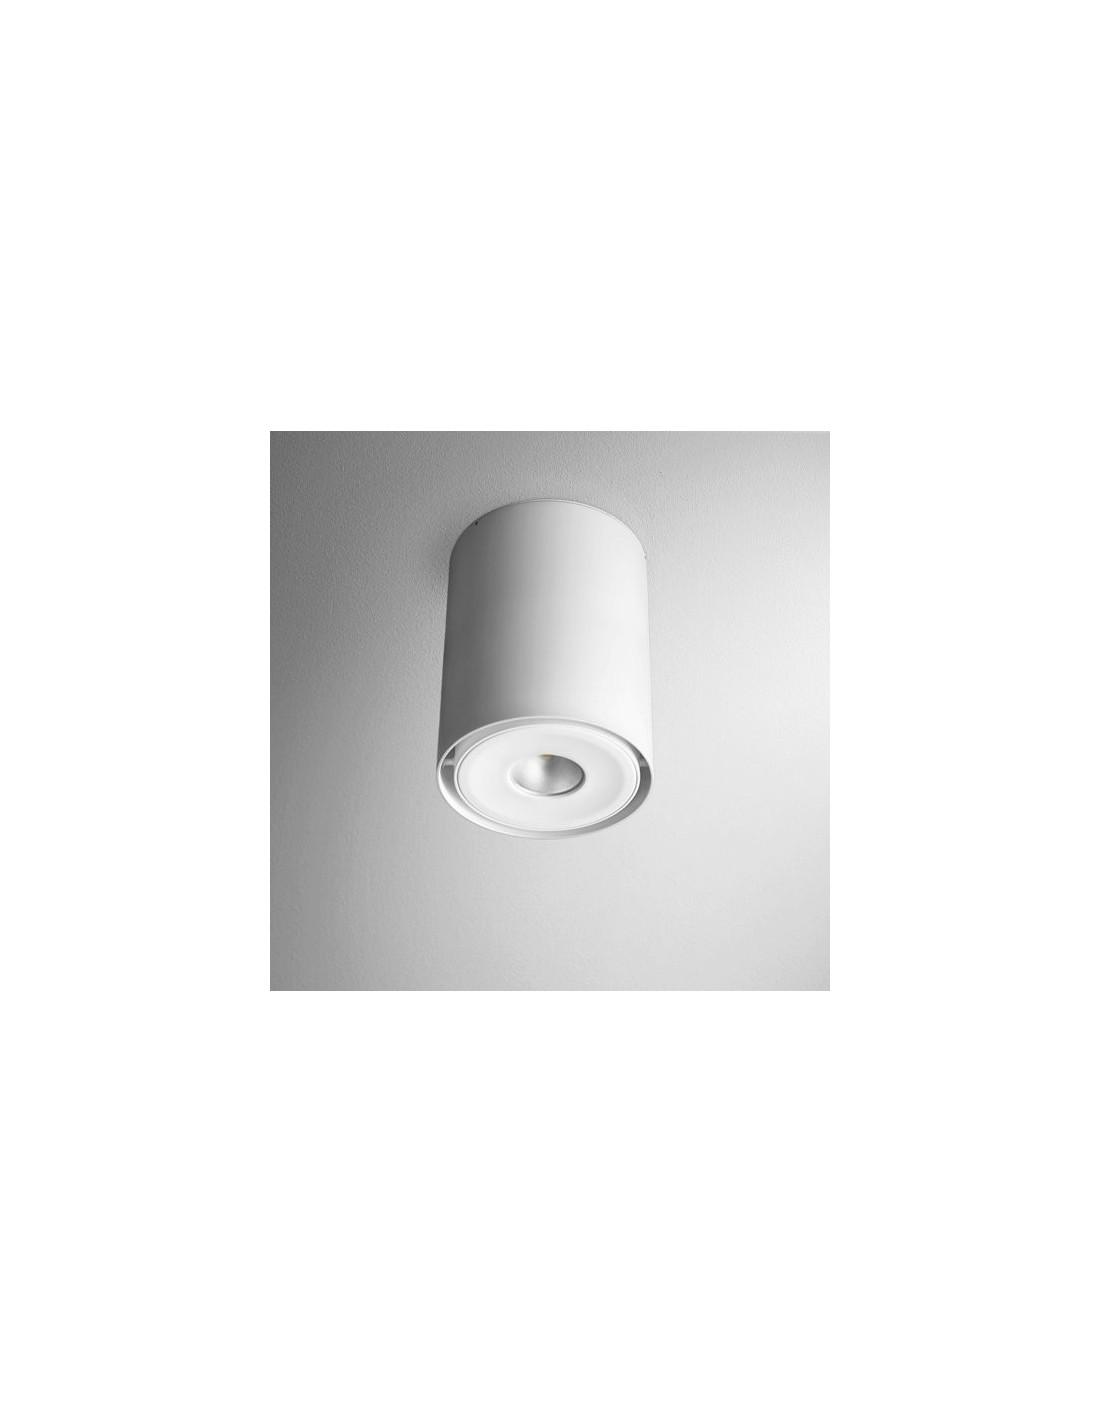 TUBA 111 23 QRLED natynkowa Aqform Lampa okrągła nastropowa tuba LED